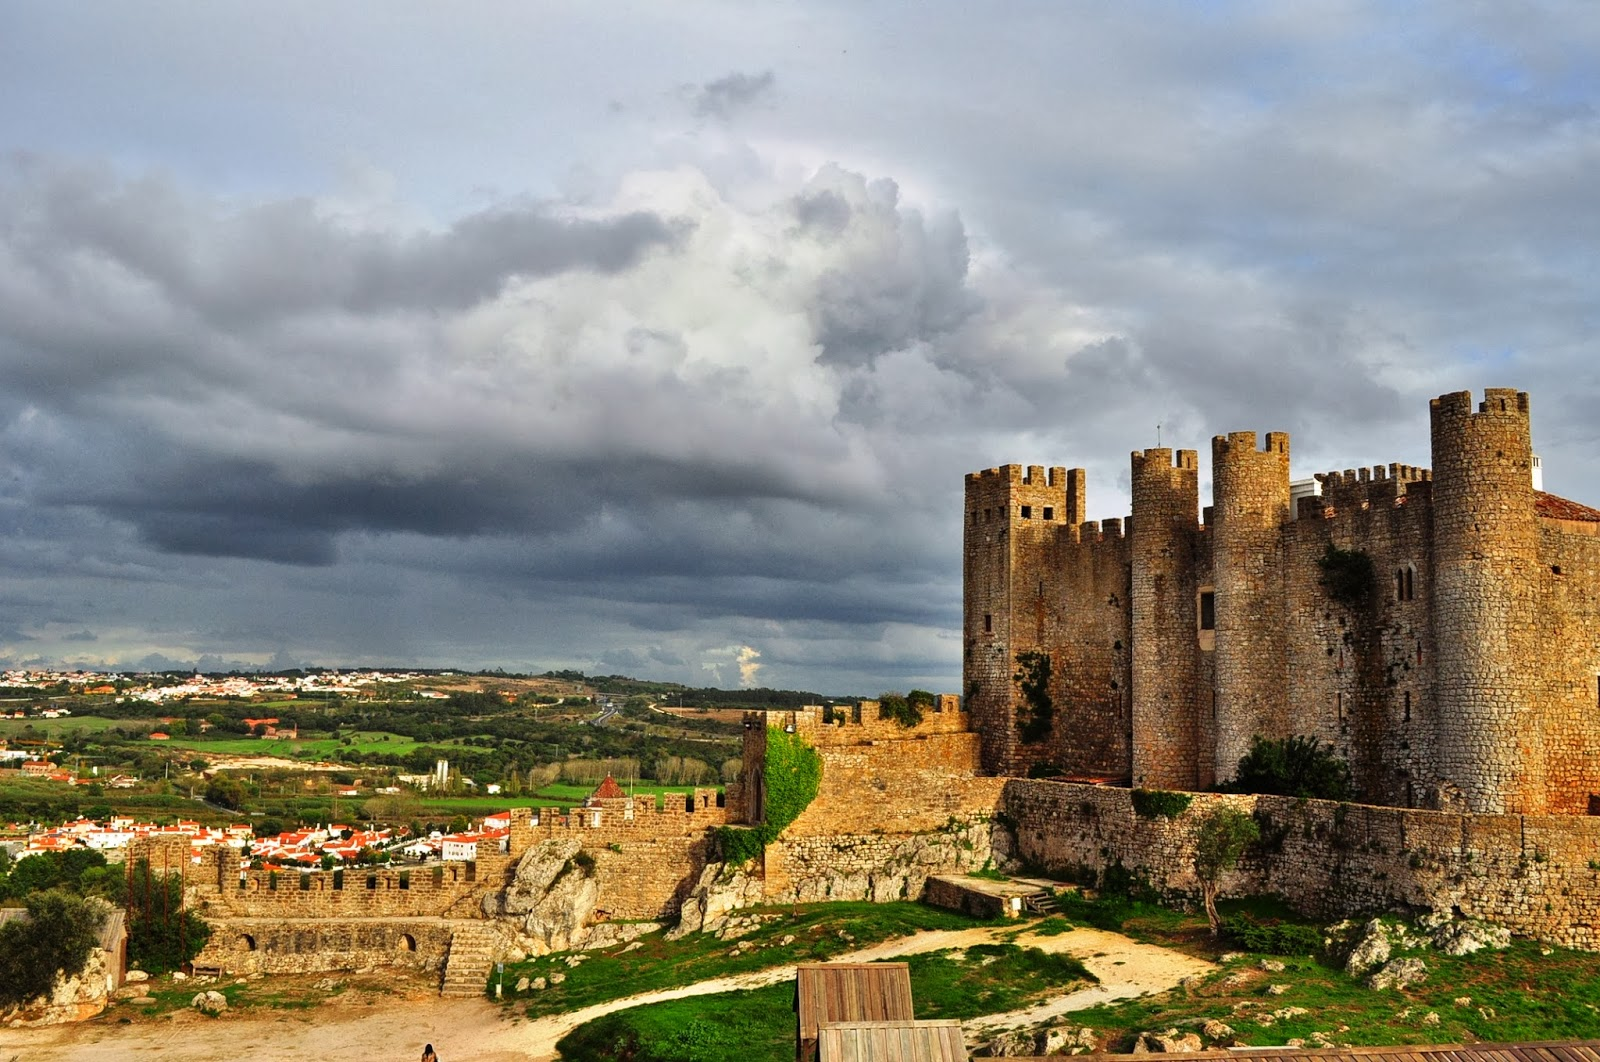 Крепостната му стена е дълга над километър, а от нея се открива смайваша гледка към португалската провинция.